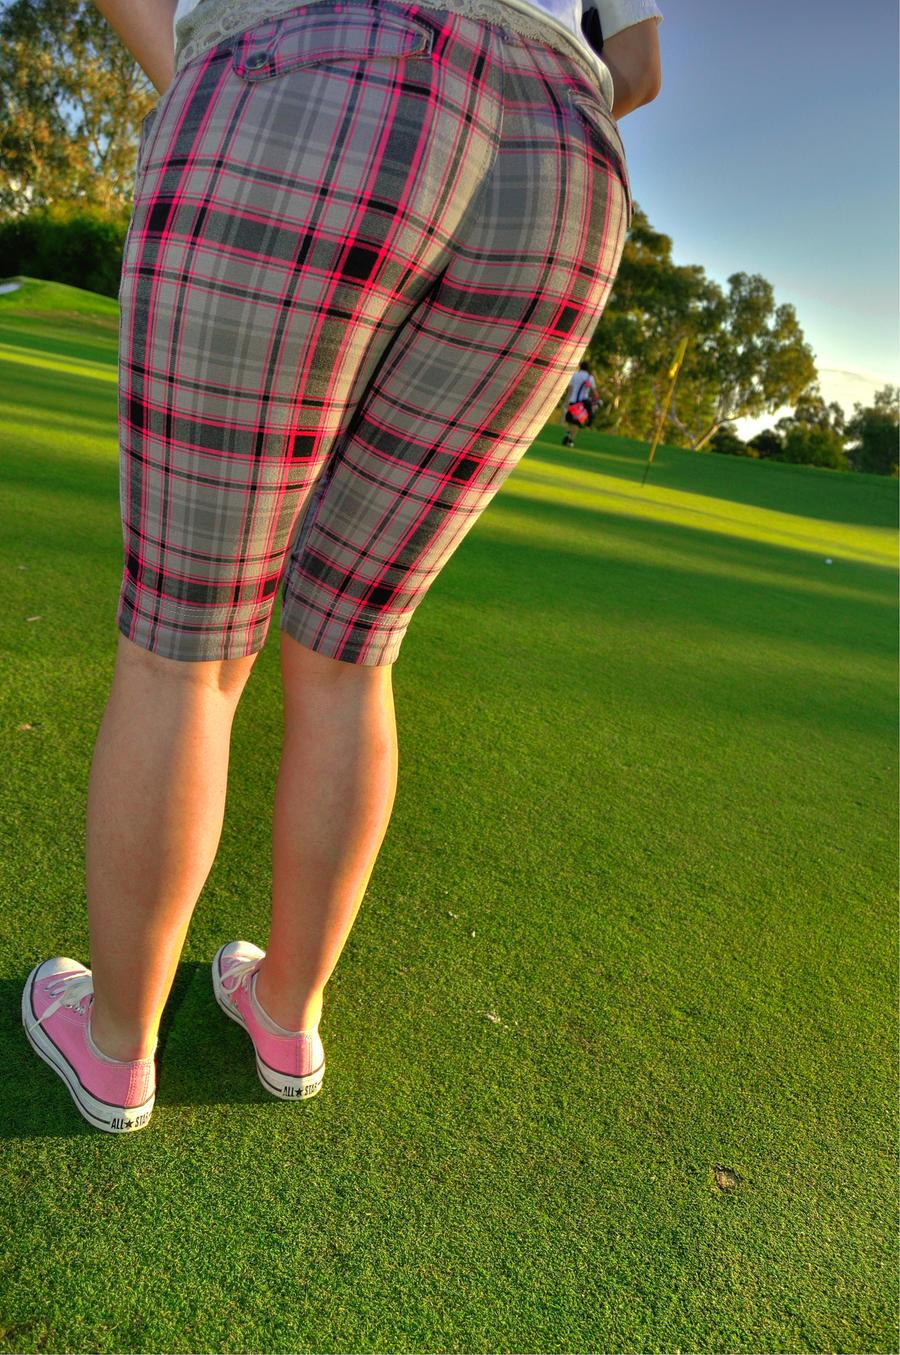 Golf Butt 106